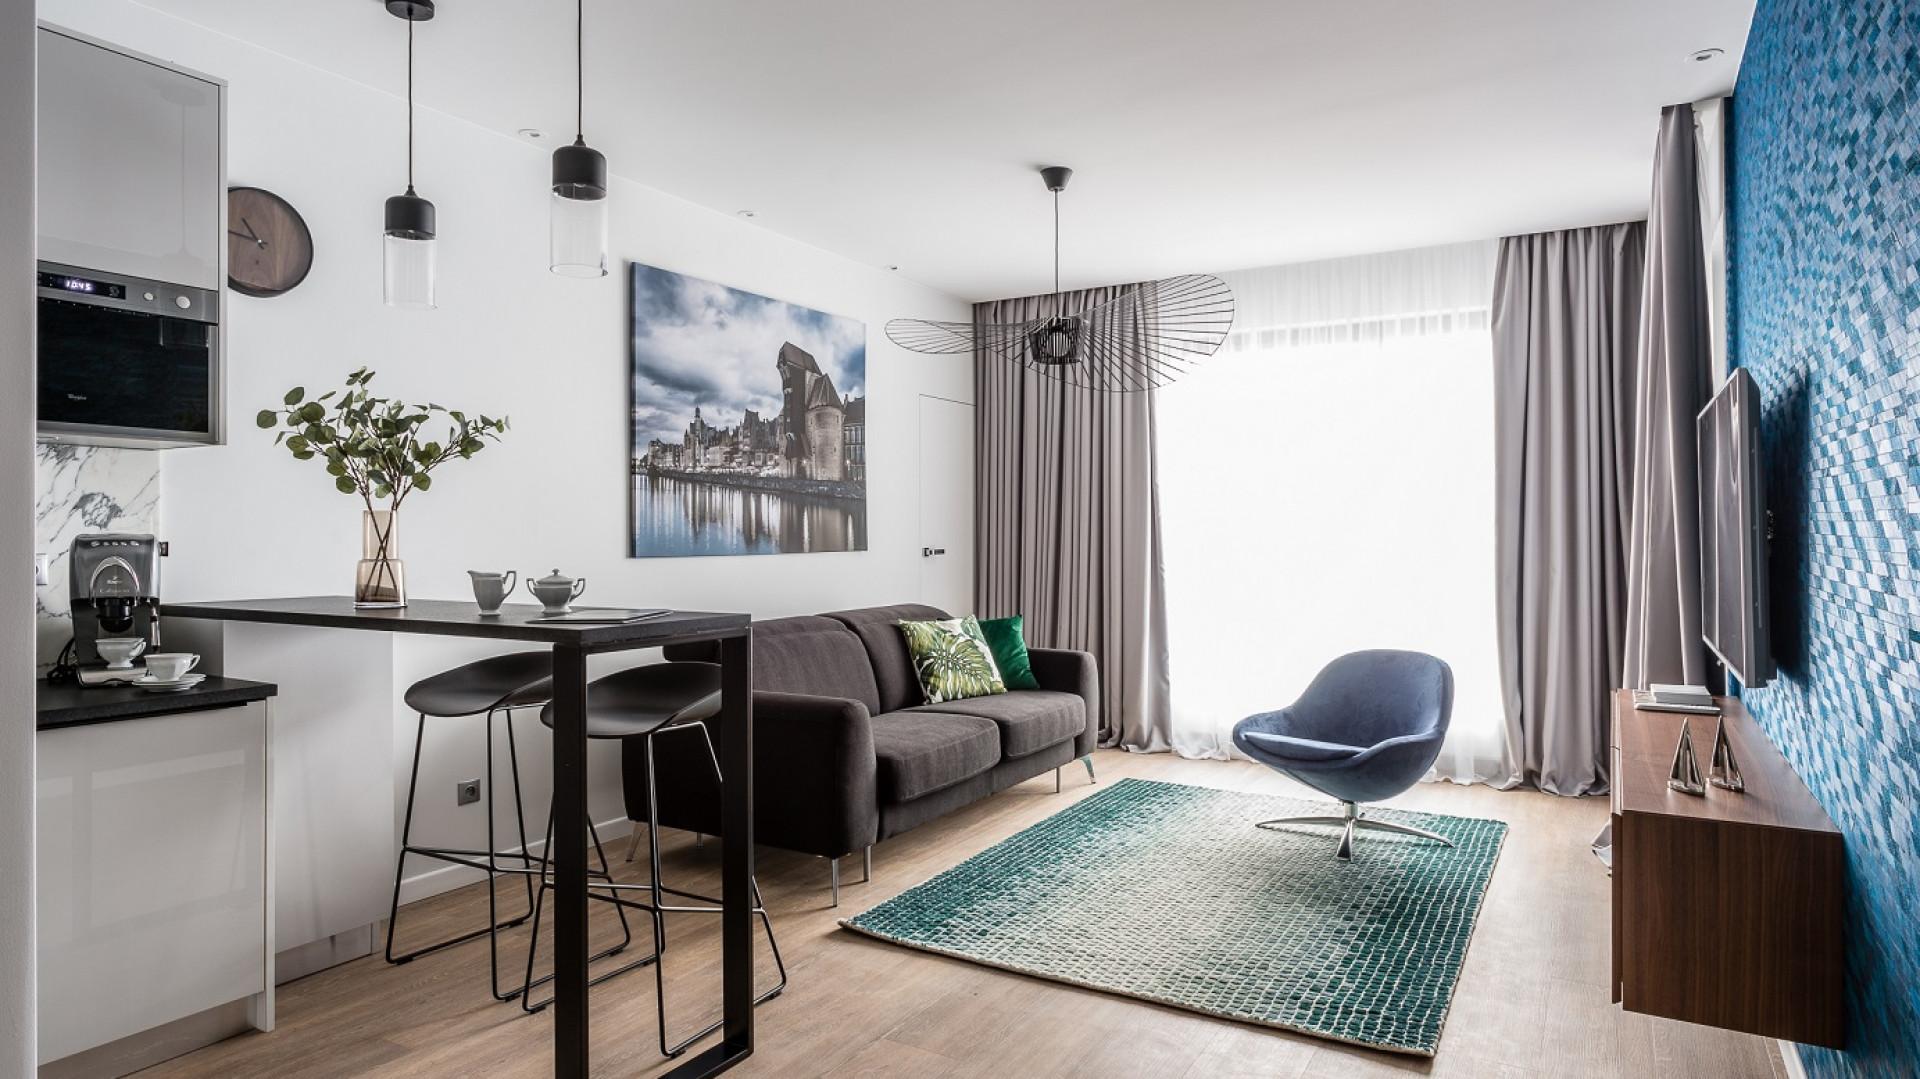 Jak umeblować mieszkanie na wynajem - zobacz inspiracje!